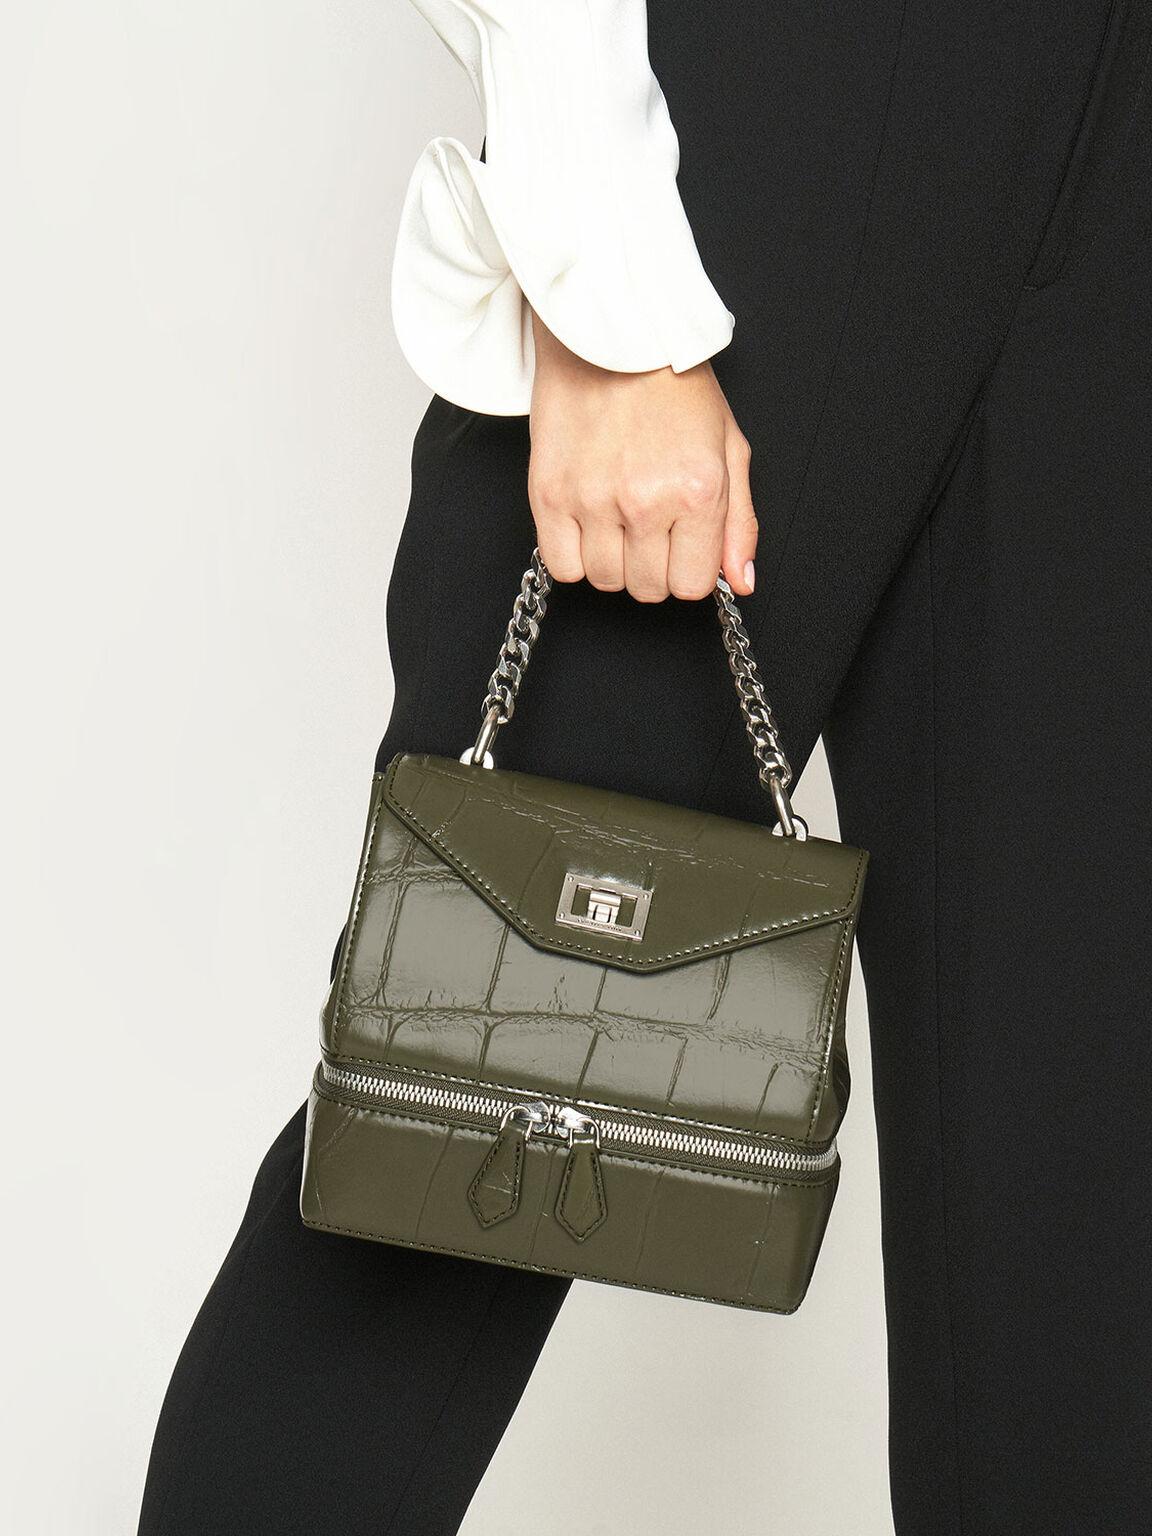 鍊條拉鍊手提包, 橄欖色, hi-res